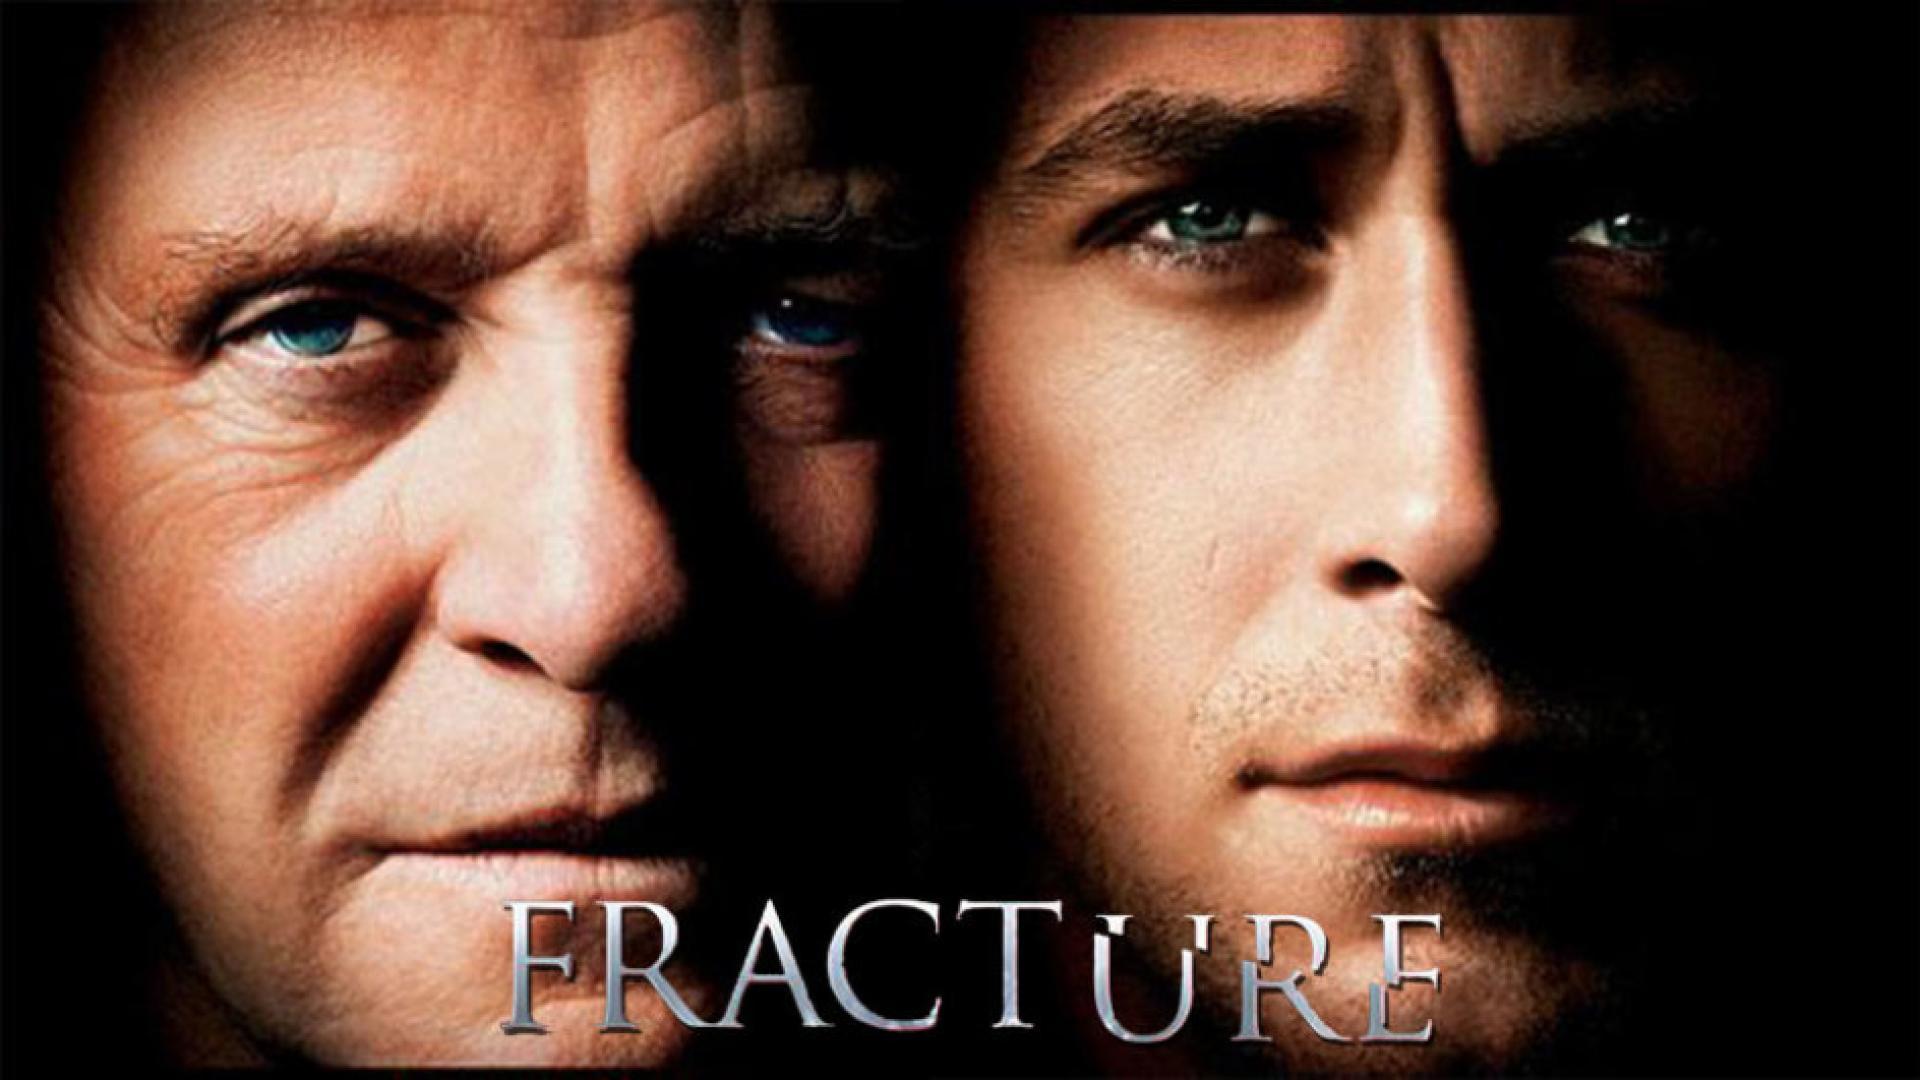 Death Wish Shake X. - Fracture / Törés (2007)